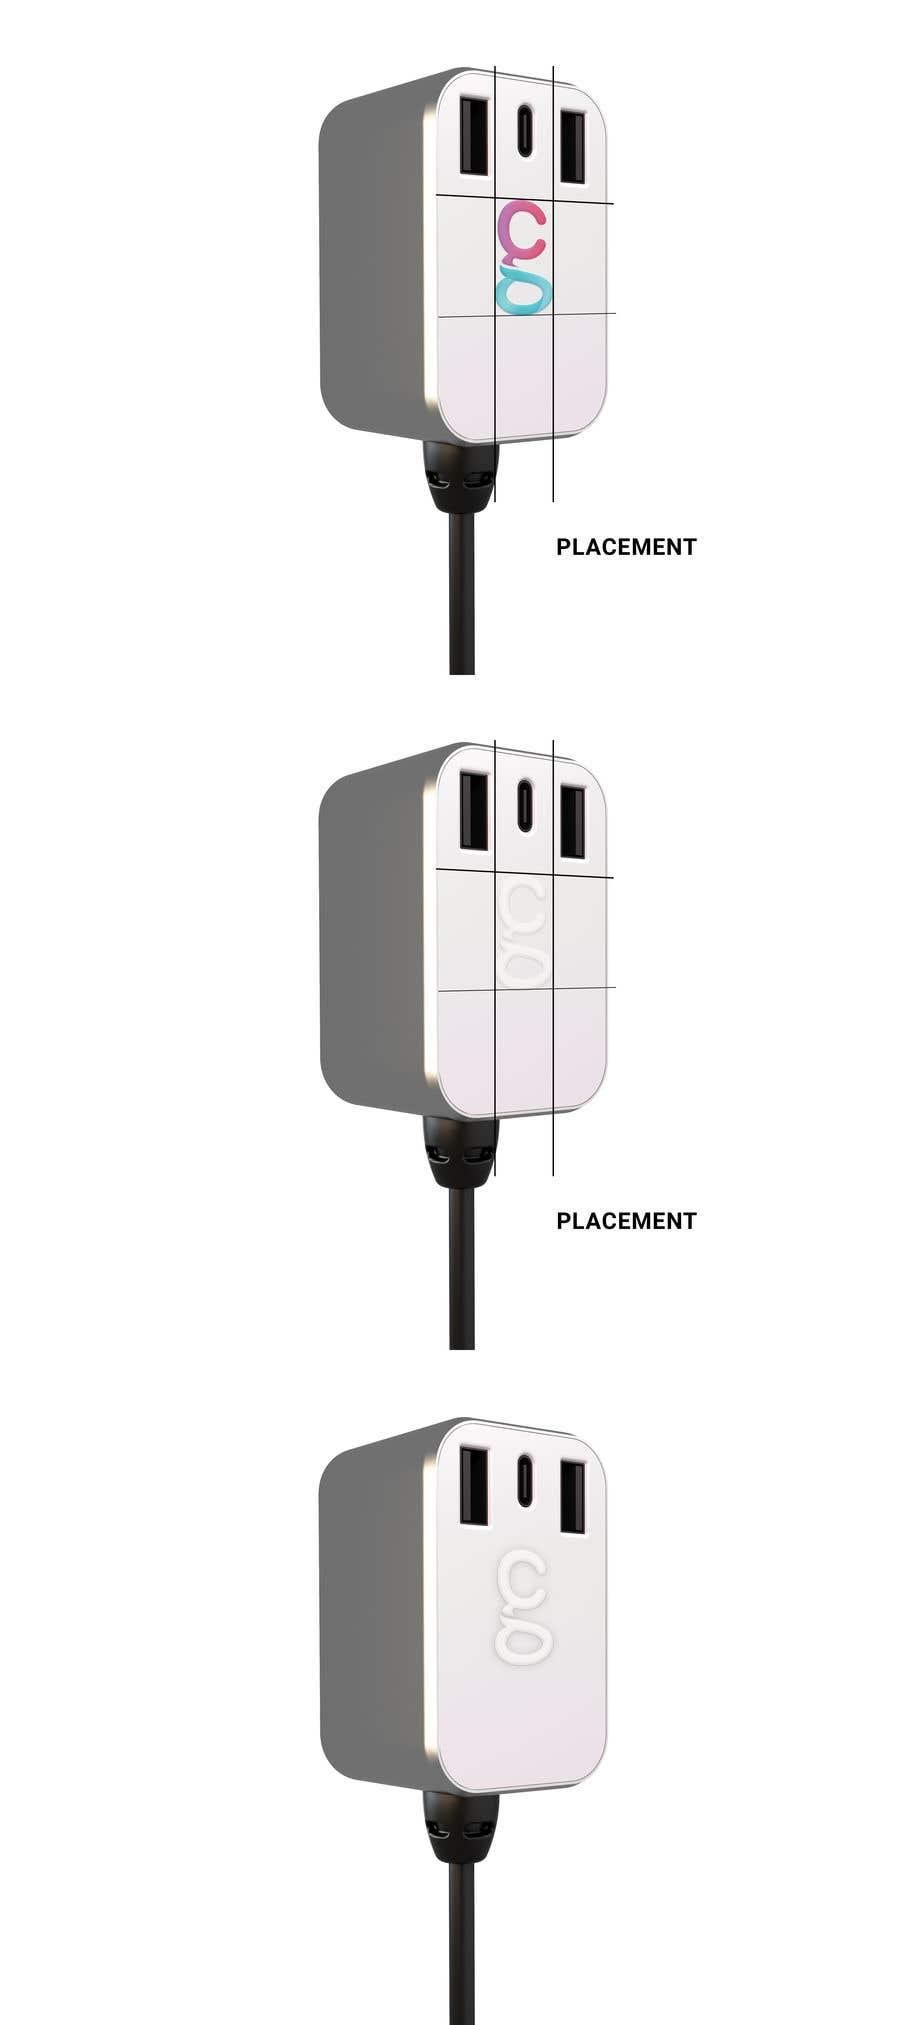 Bài tham dự cuộc thi #24 cho Place logo on product at an angle